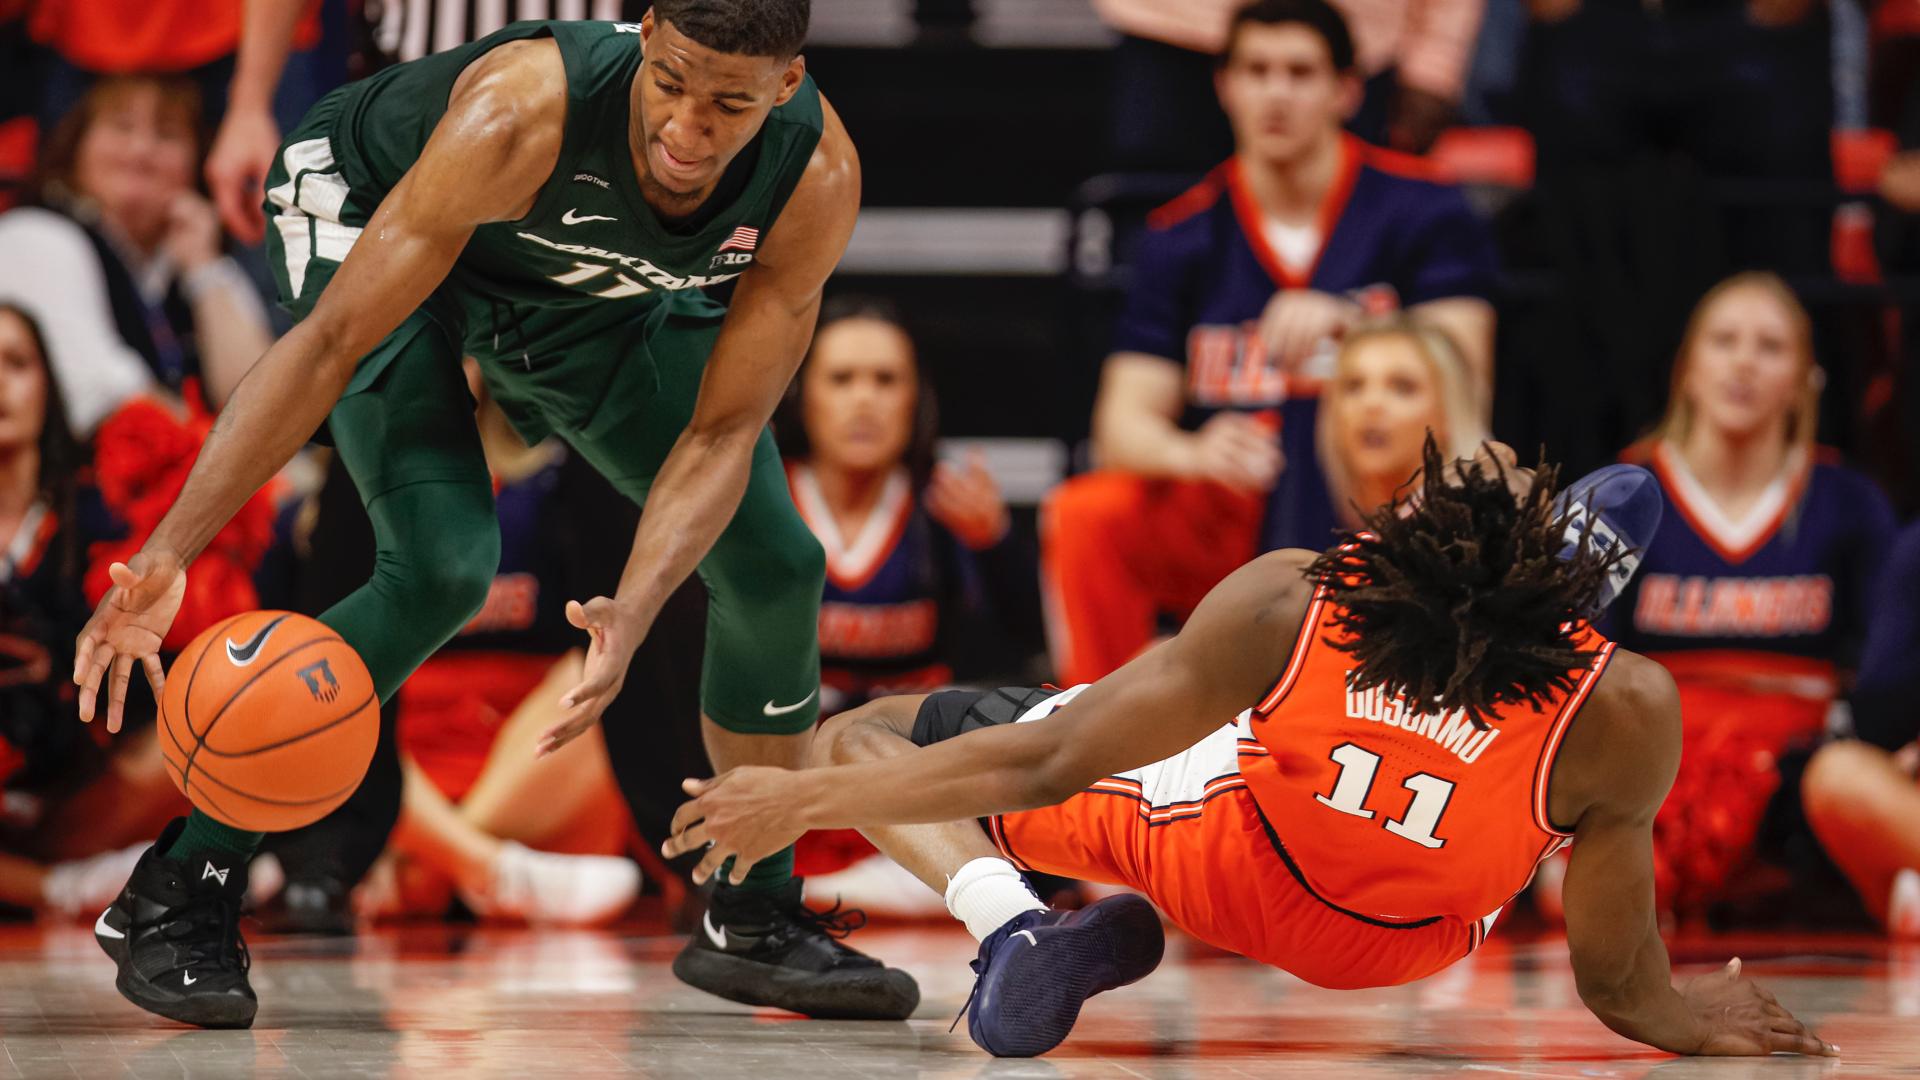 Illinois pierde el juego de baloncesto, el máximo goleador Ayo Dosunmu en cuestión de segundos 2